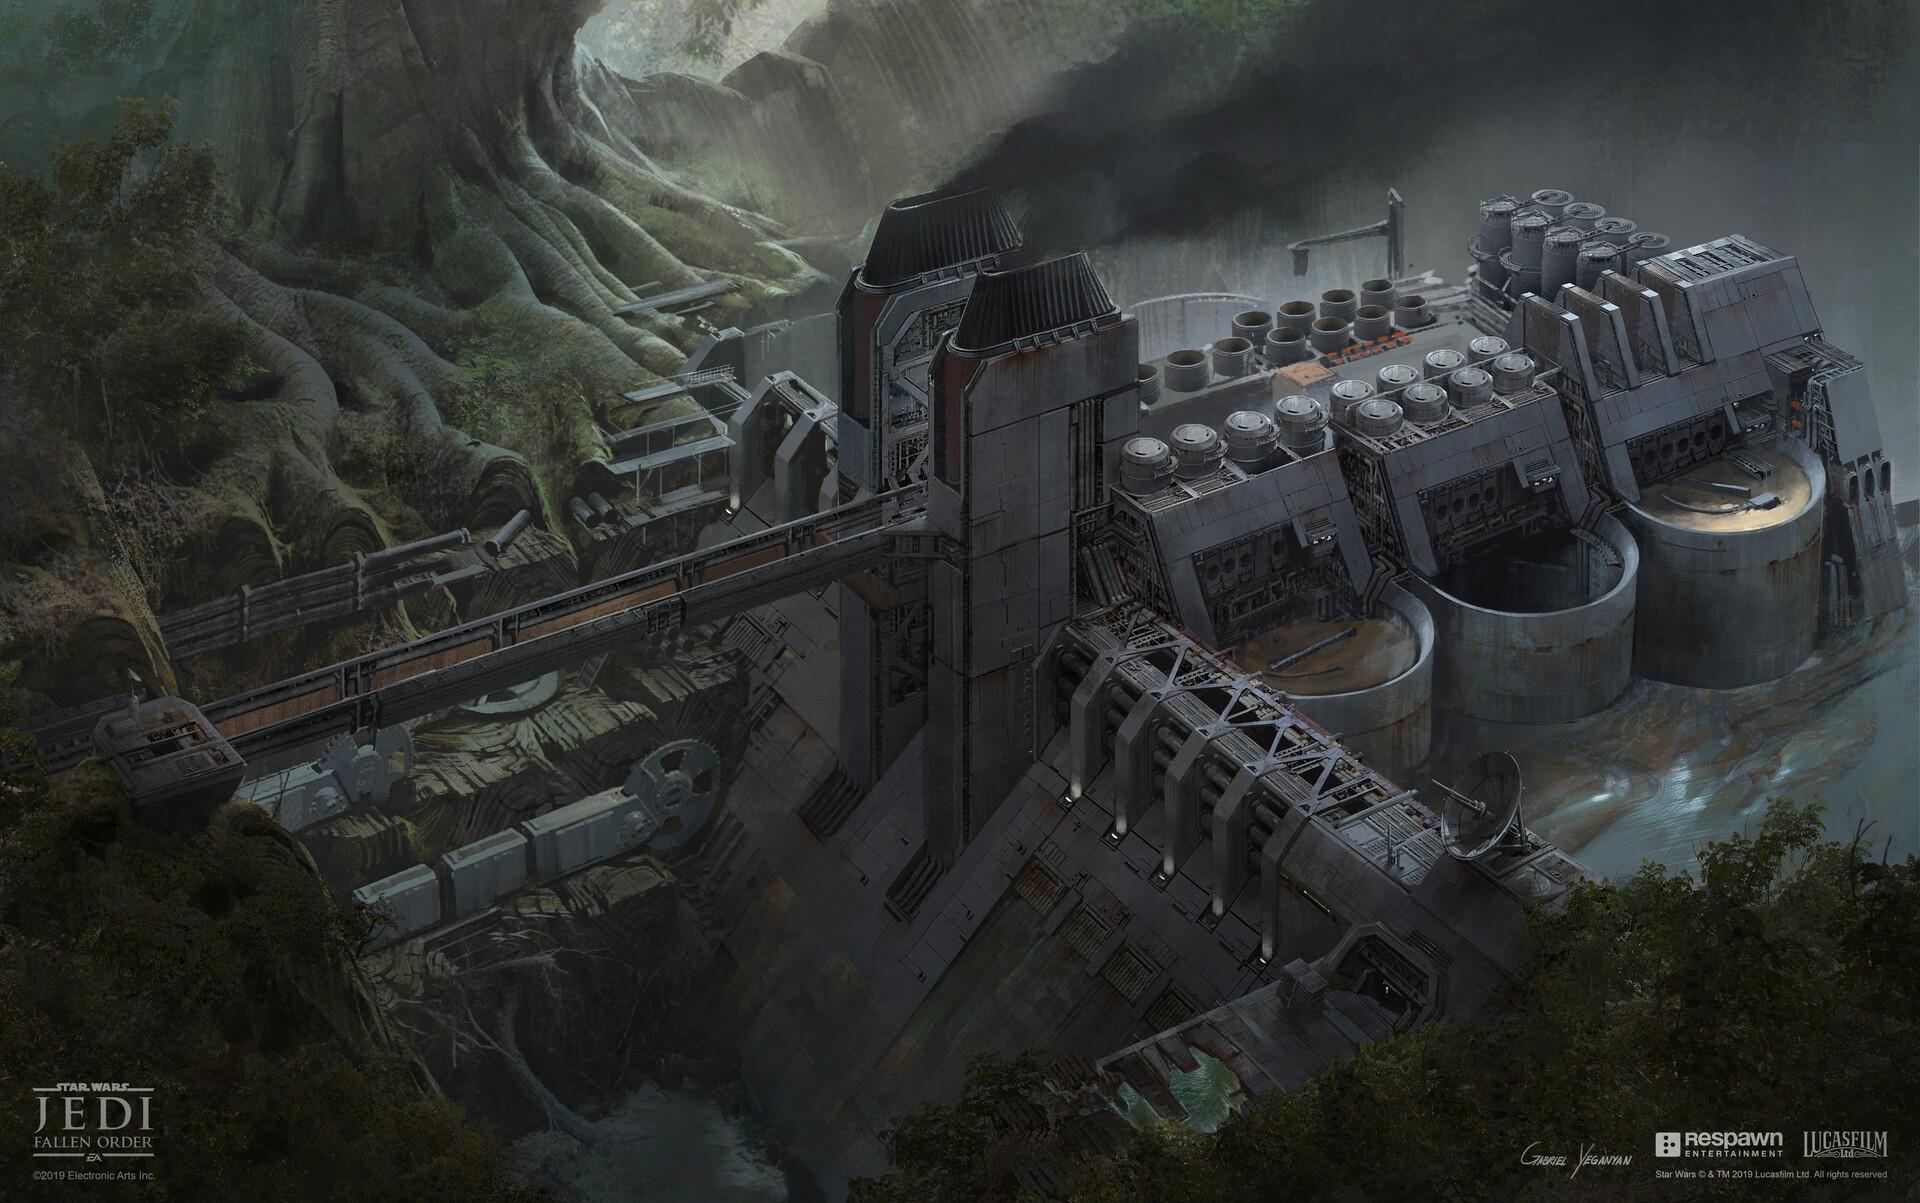 gabriel-yeganyan-3q-view-refinery-revise